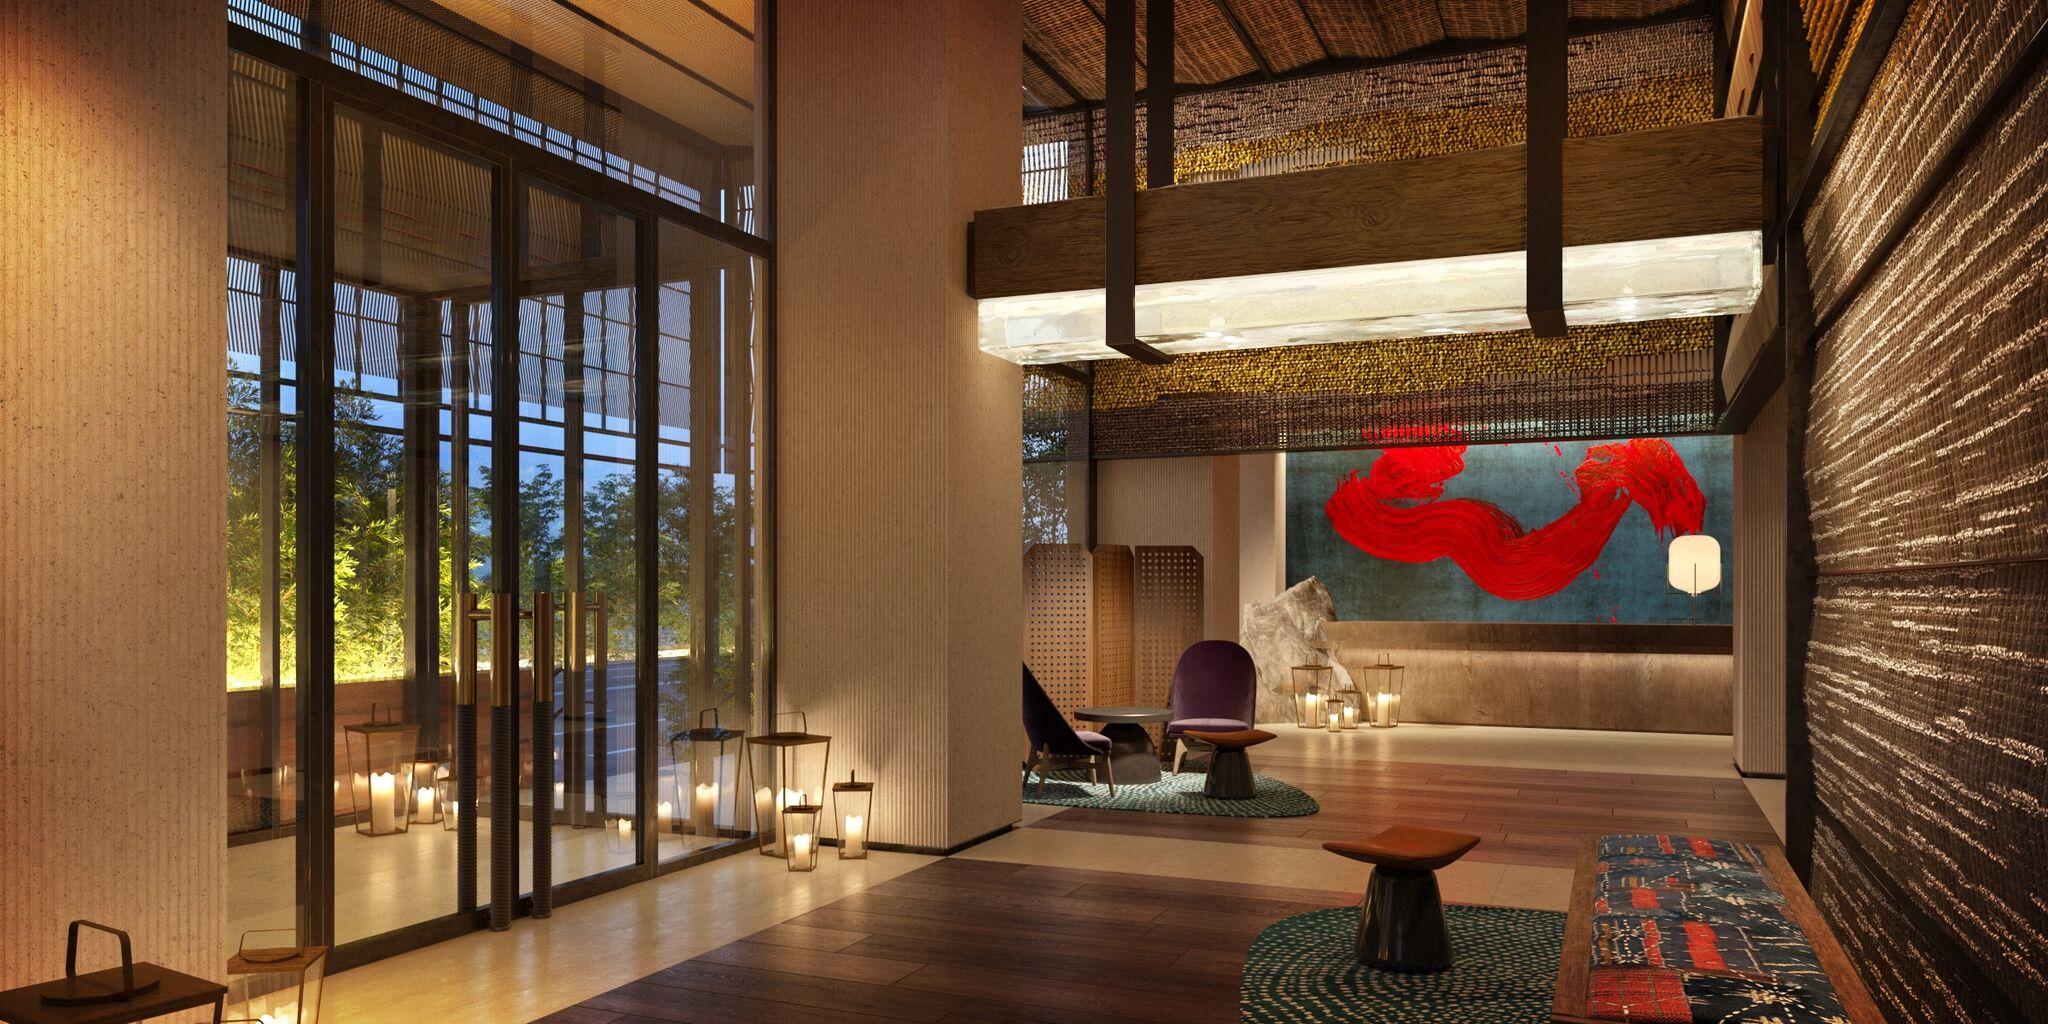 The chic lobby area at Nobu Hotel Barcelona